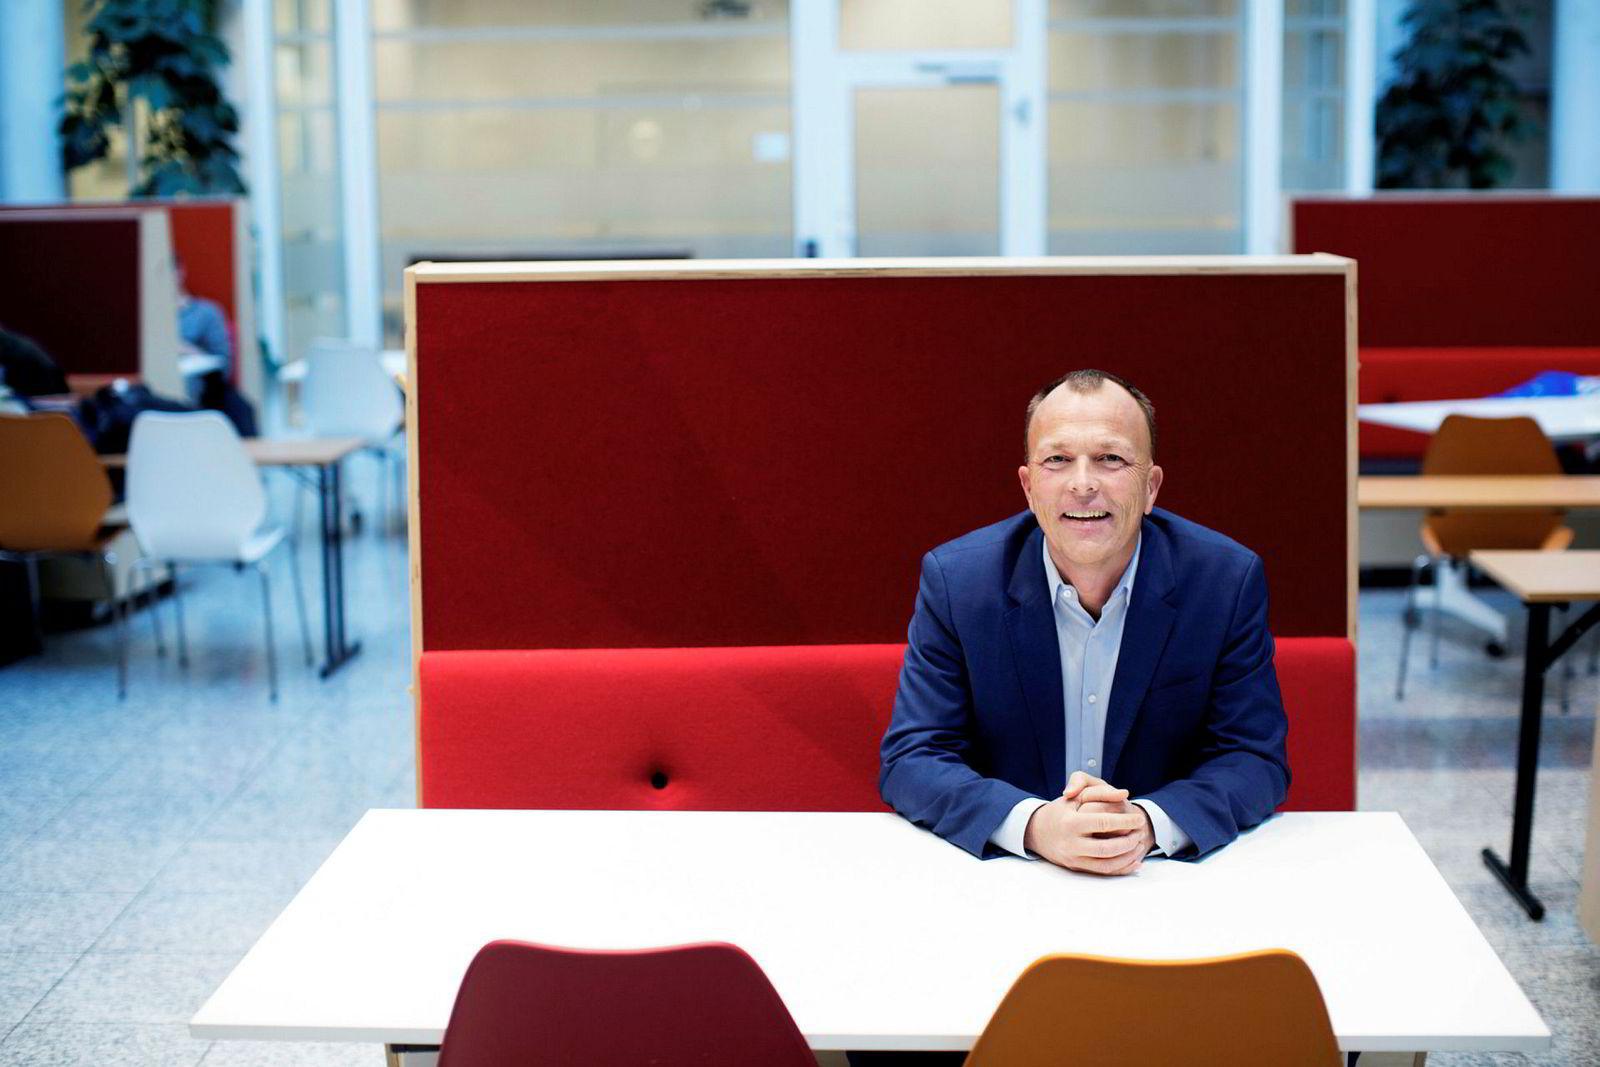 – Etterspørselen etter digitaliseringsforedrag har økt veldig i det siste, sier Nils Apeland.